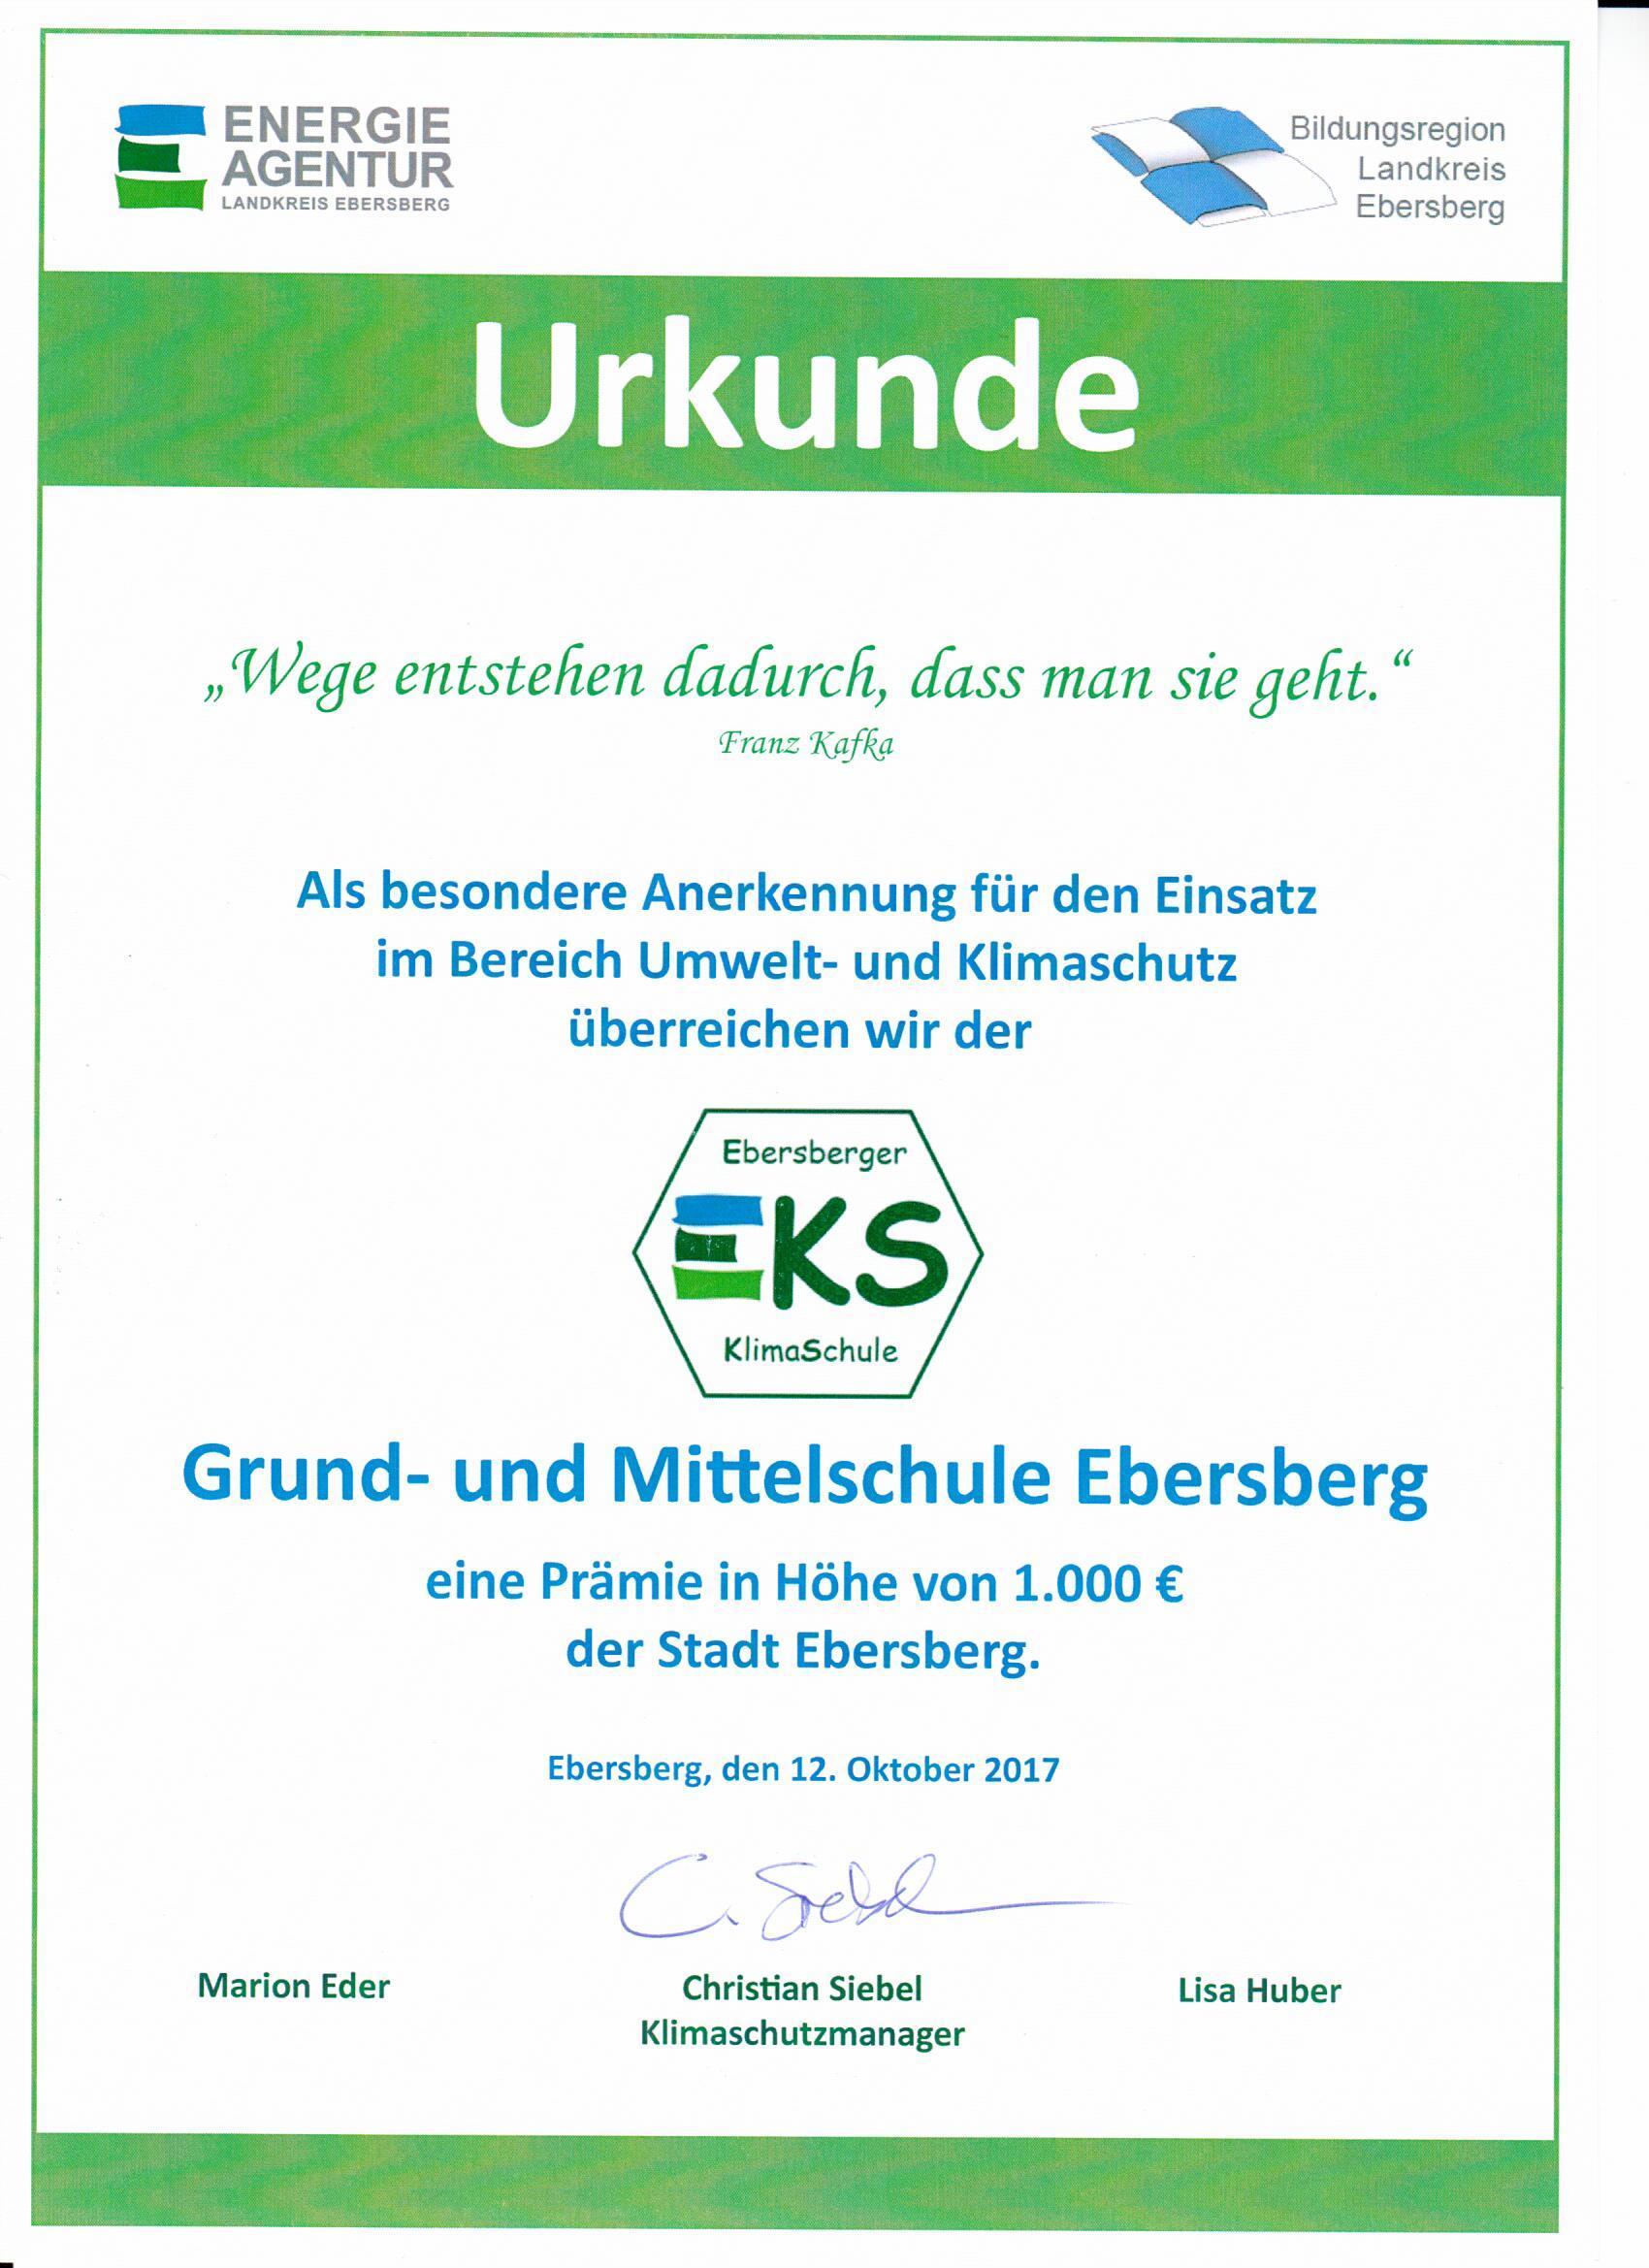 Grund- und Mittelschule Ebersberg erhält Auszeichnung und Prämie als ...